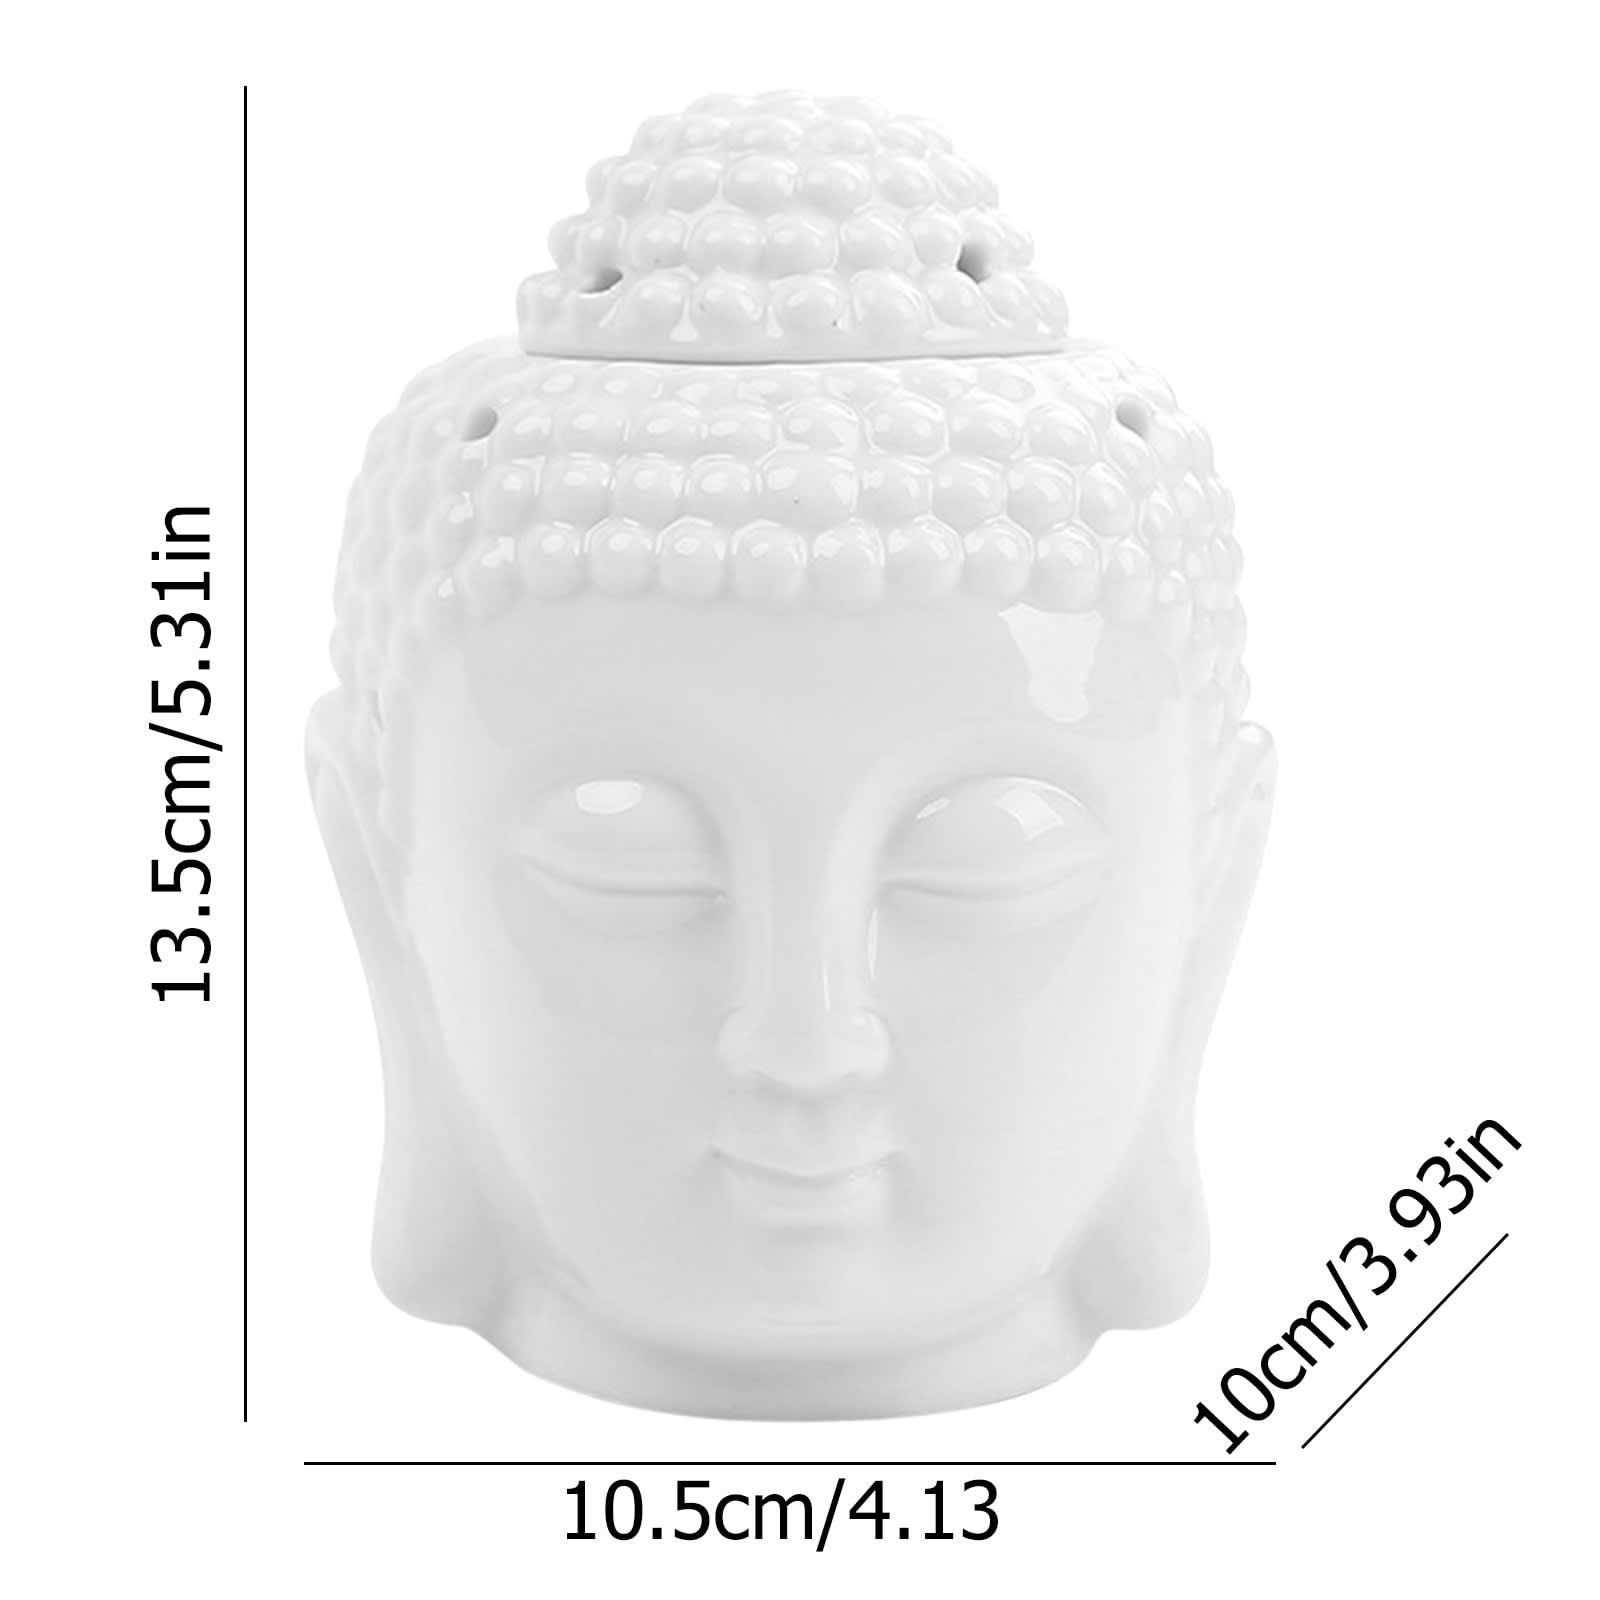 Adornos de cerámica para el hogar, quemador de vela de aceite, con cabeza de Buda, Zen, para aromaterapia